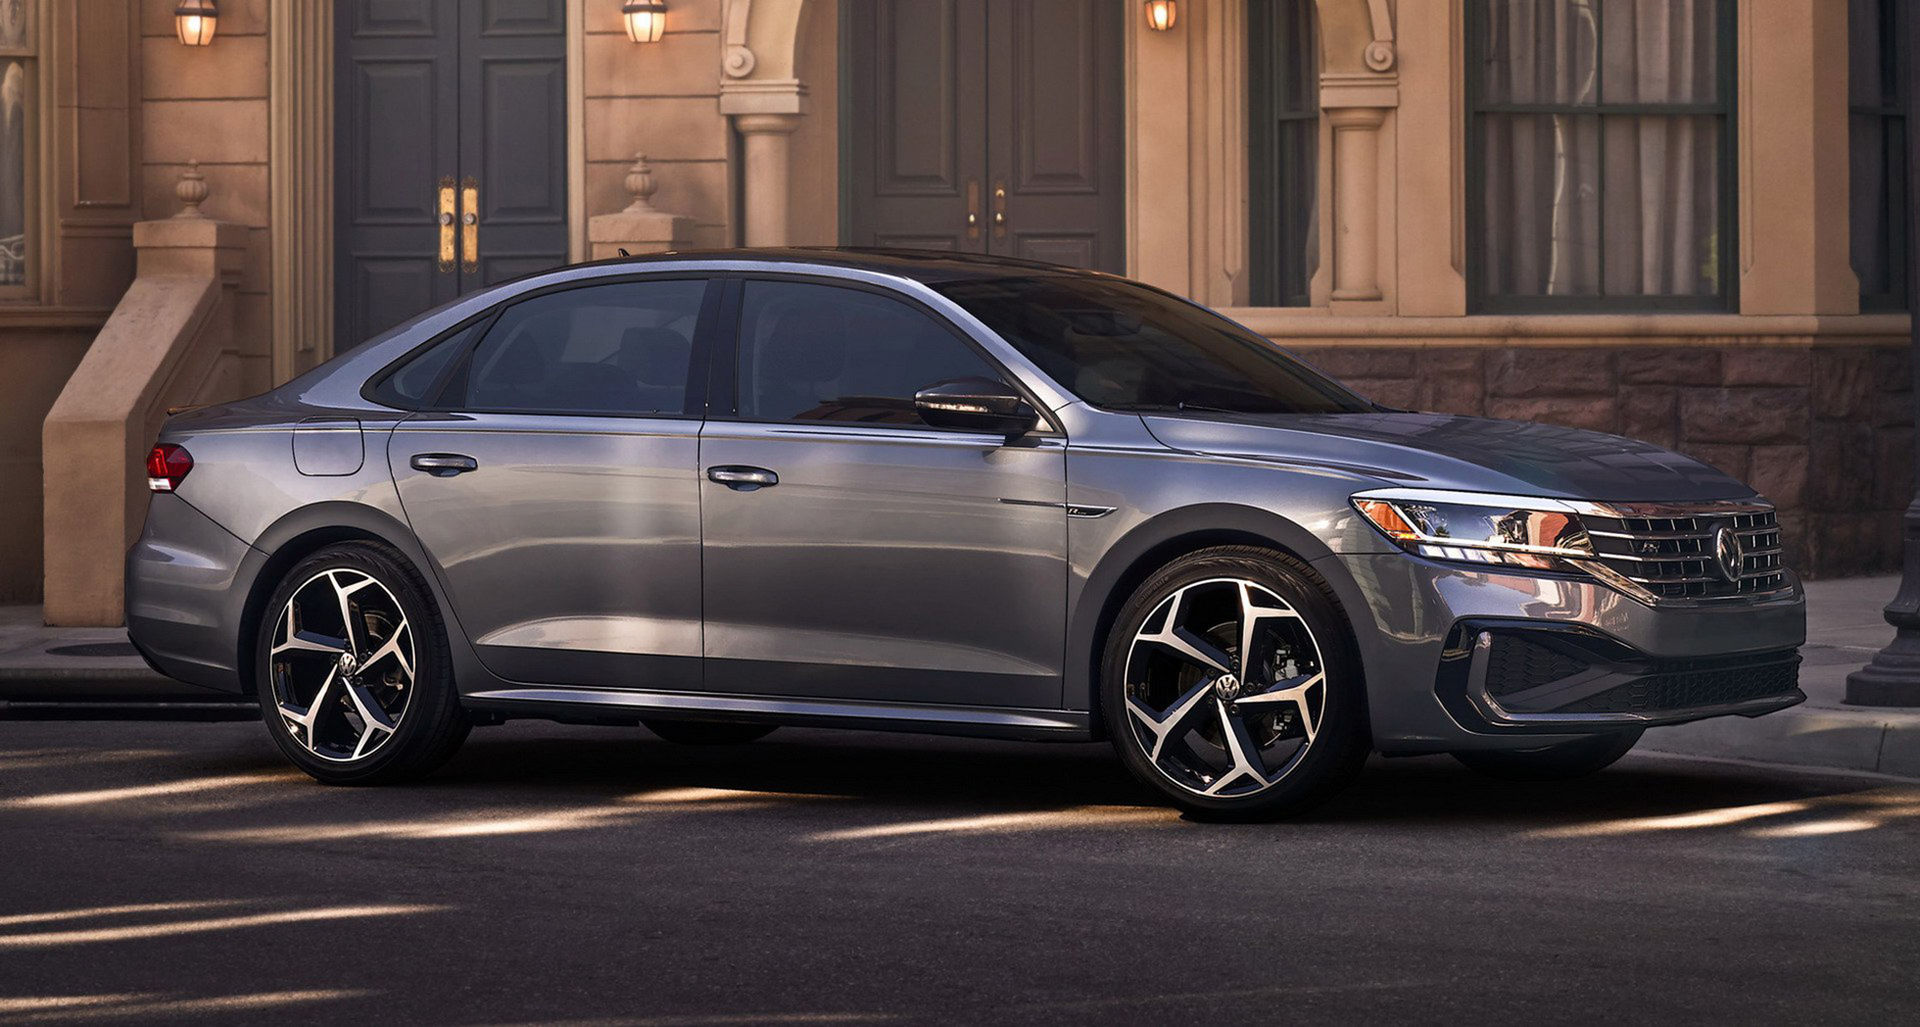 Uppdaterade Volkswagen Passat läcker ut